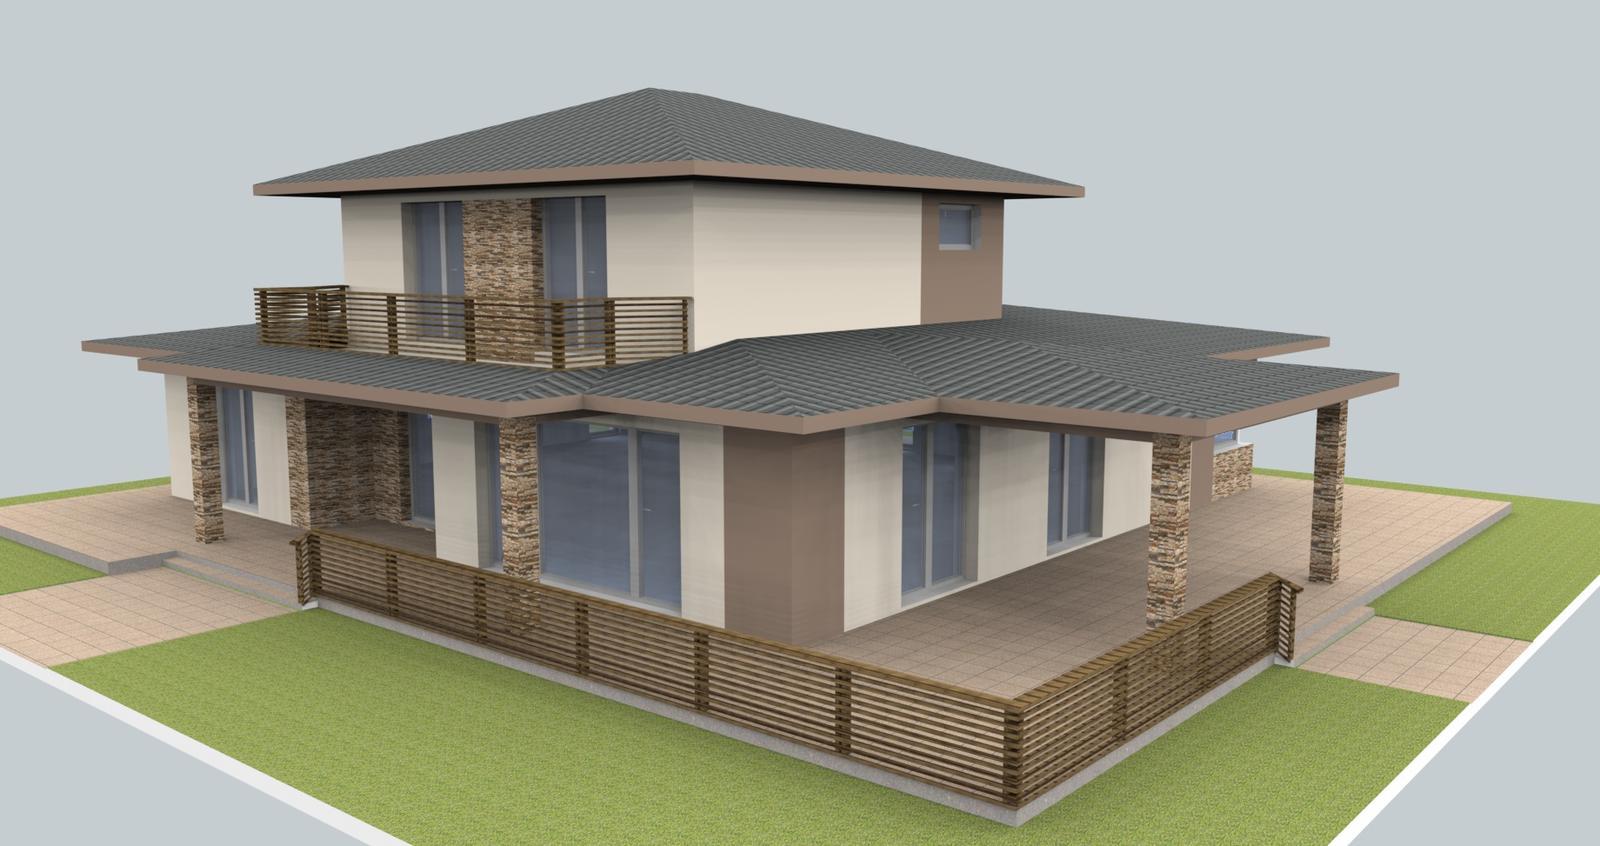 Prebiehajuce projekty - Prebehajú konzultácie ohľadom návrhu fasády, obkladu a zábradlia. Toto je jedna z možností.